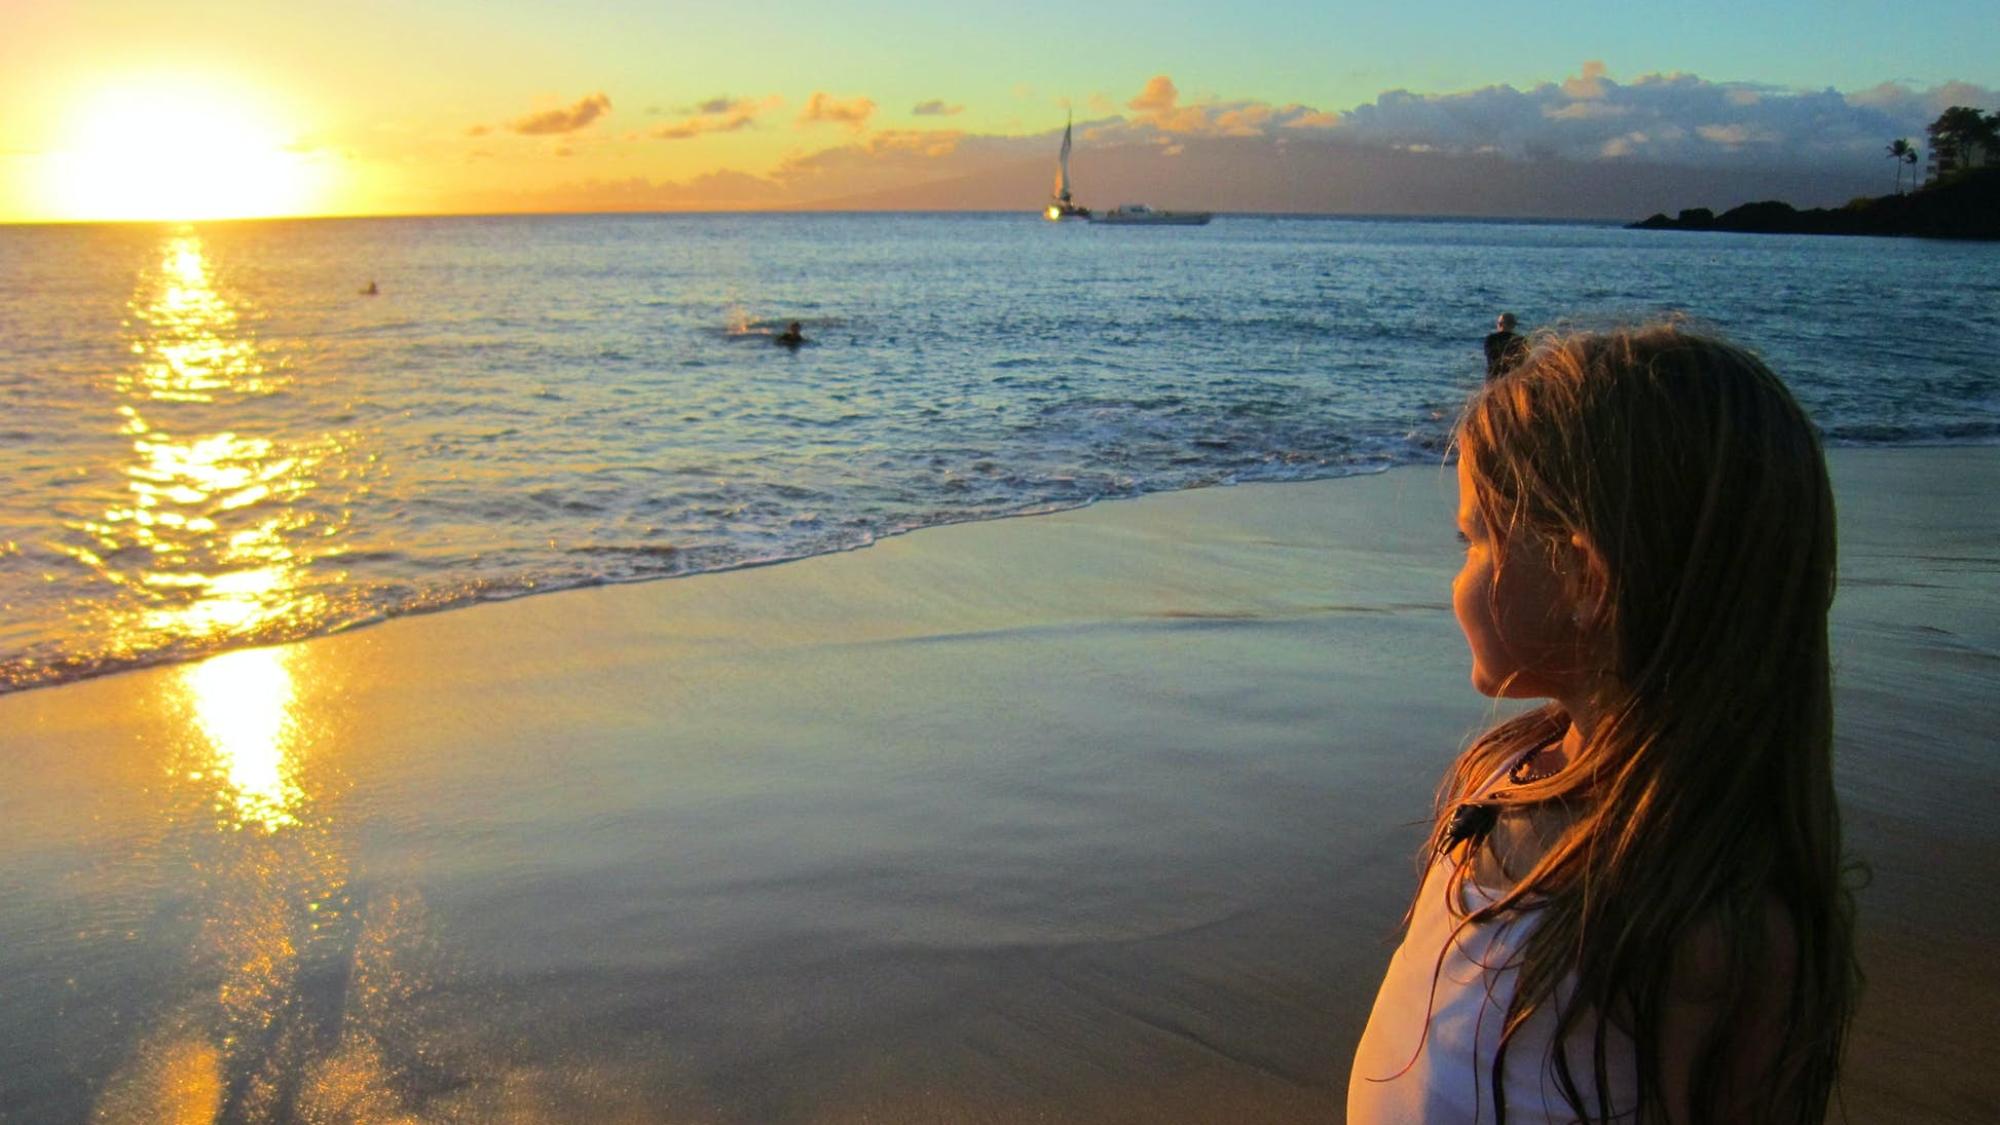 毛伊島上的日落©JBetts / Budget Travel